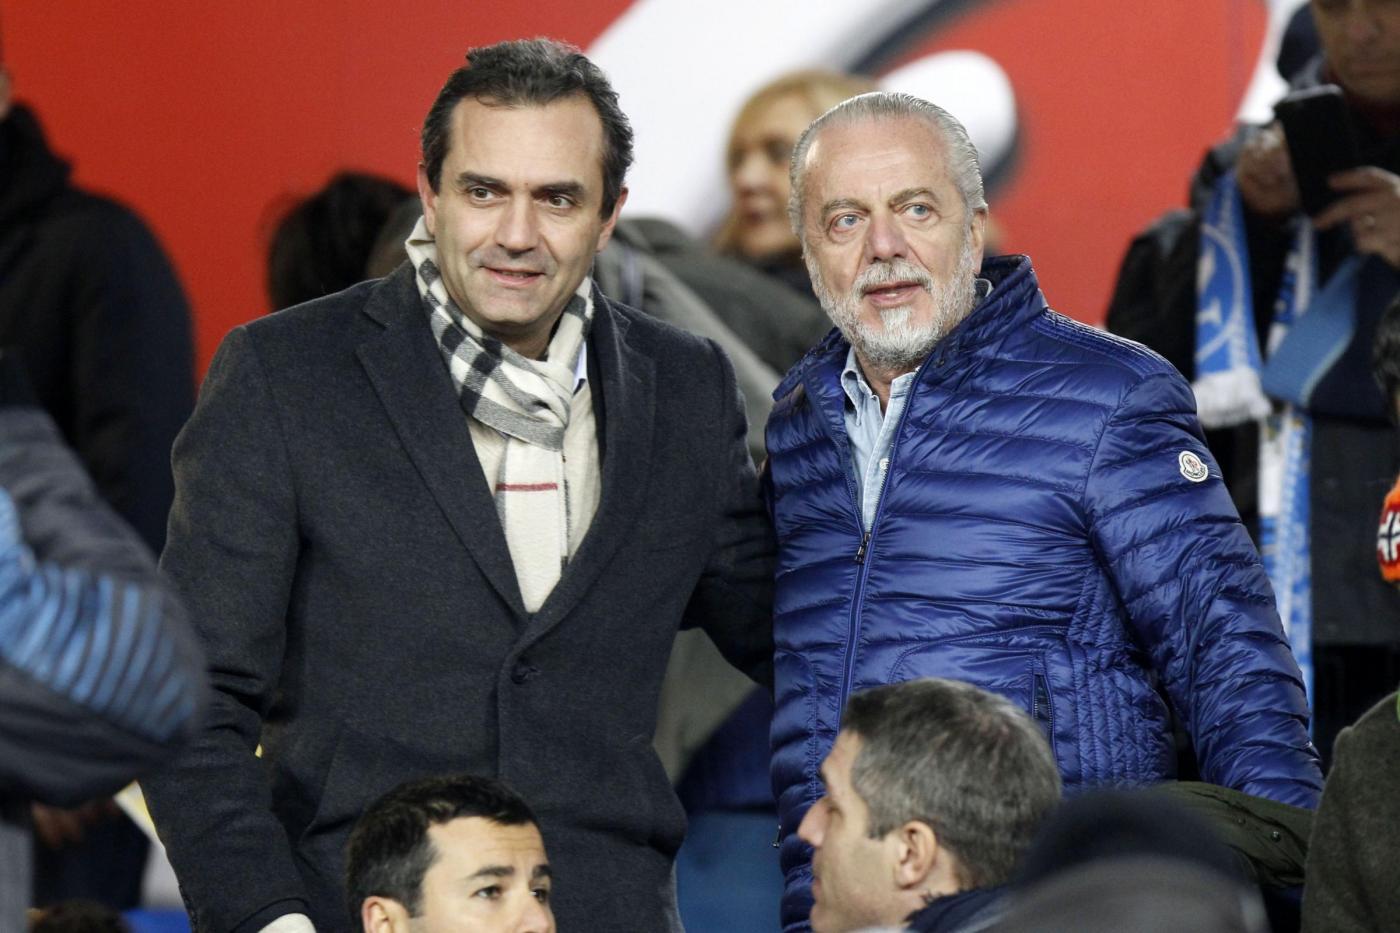 Juventus-Napoli è alle porte ed il sindaco partenopeoLuigi de Magistris è intervenuto in merito alla decisione di vietare la trasferta ai tifosi campani